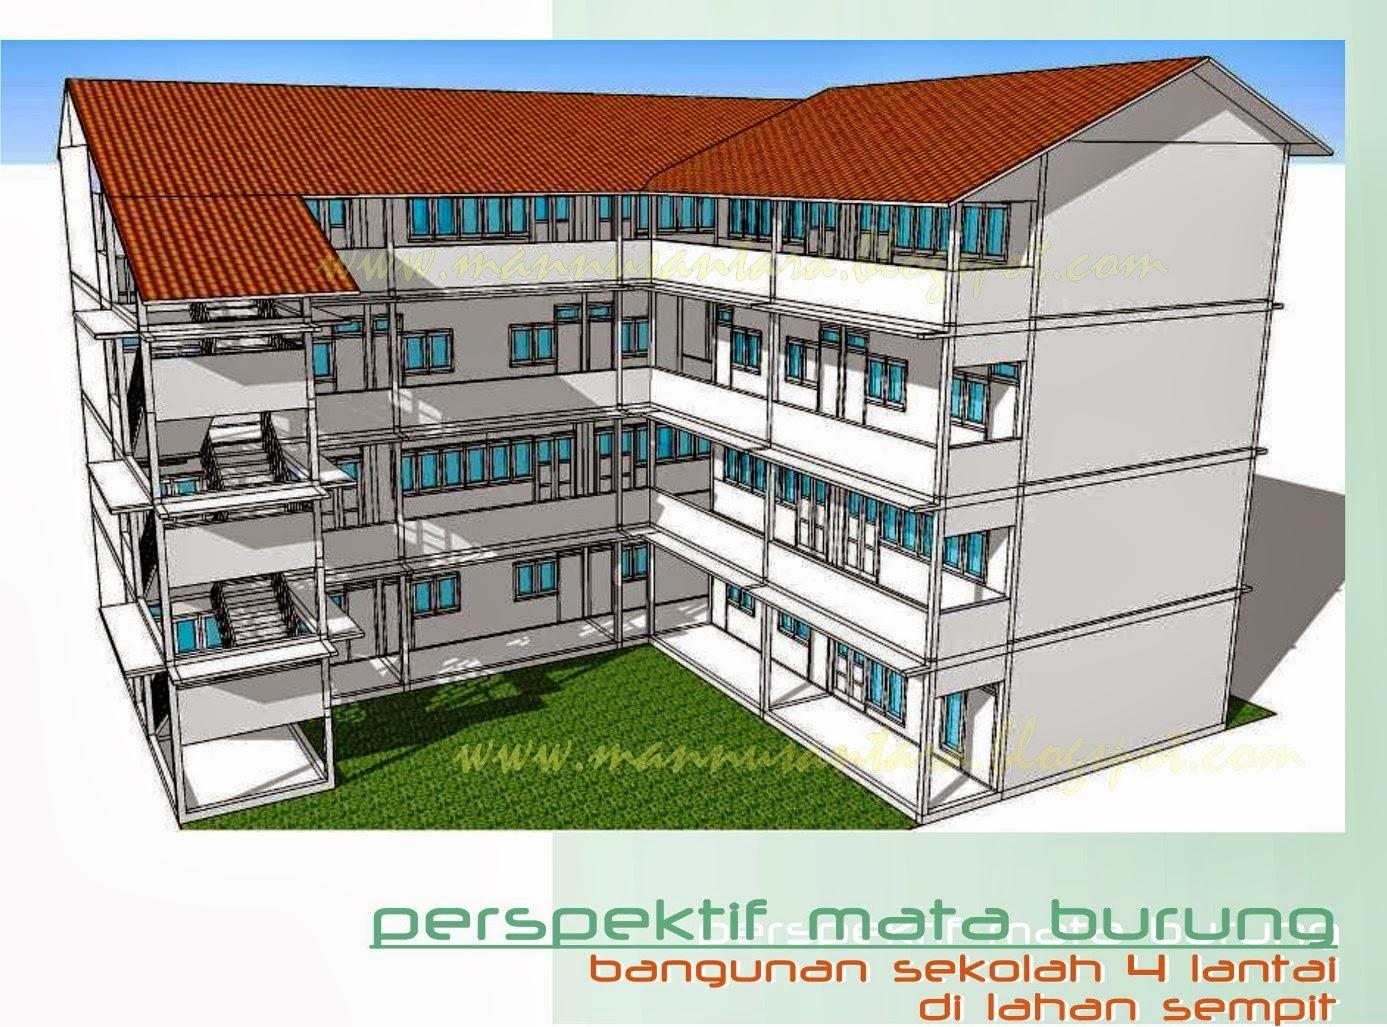 Desain bangunan Sekolah Empat Lantai di Lahan Sempit (21 x